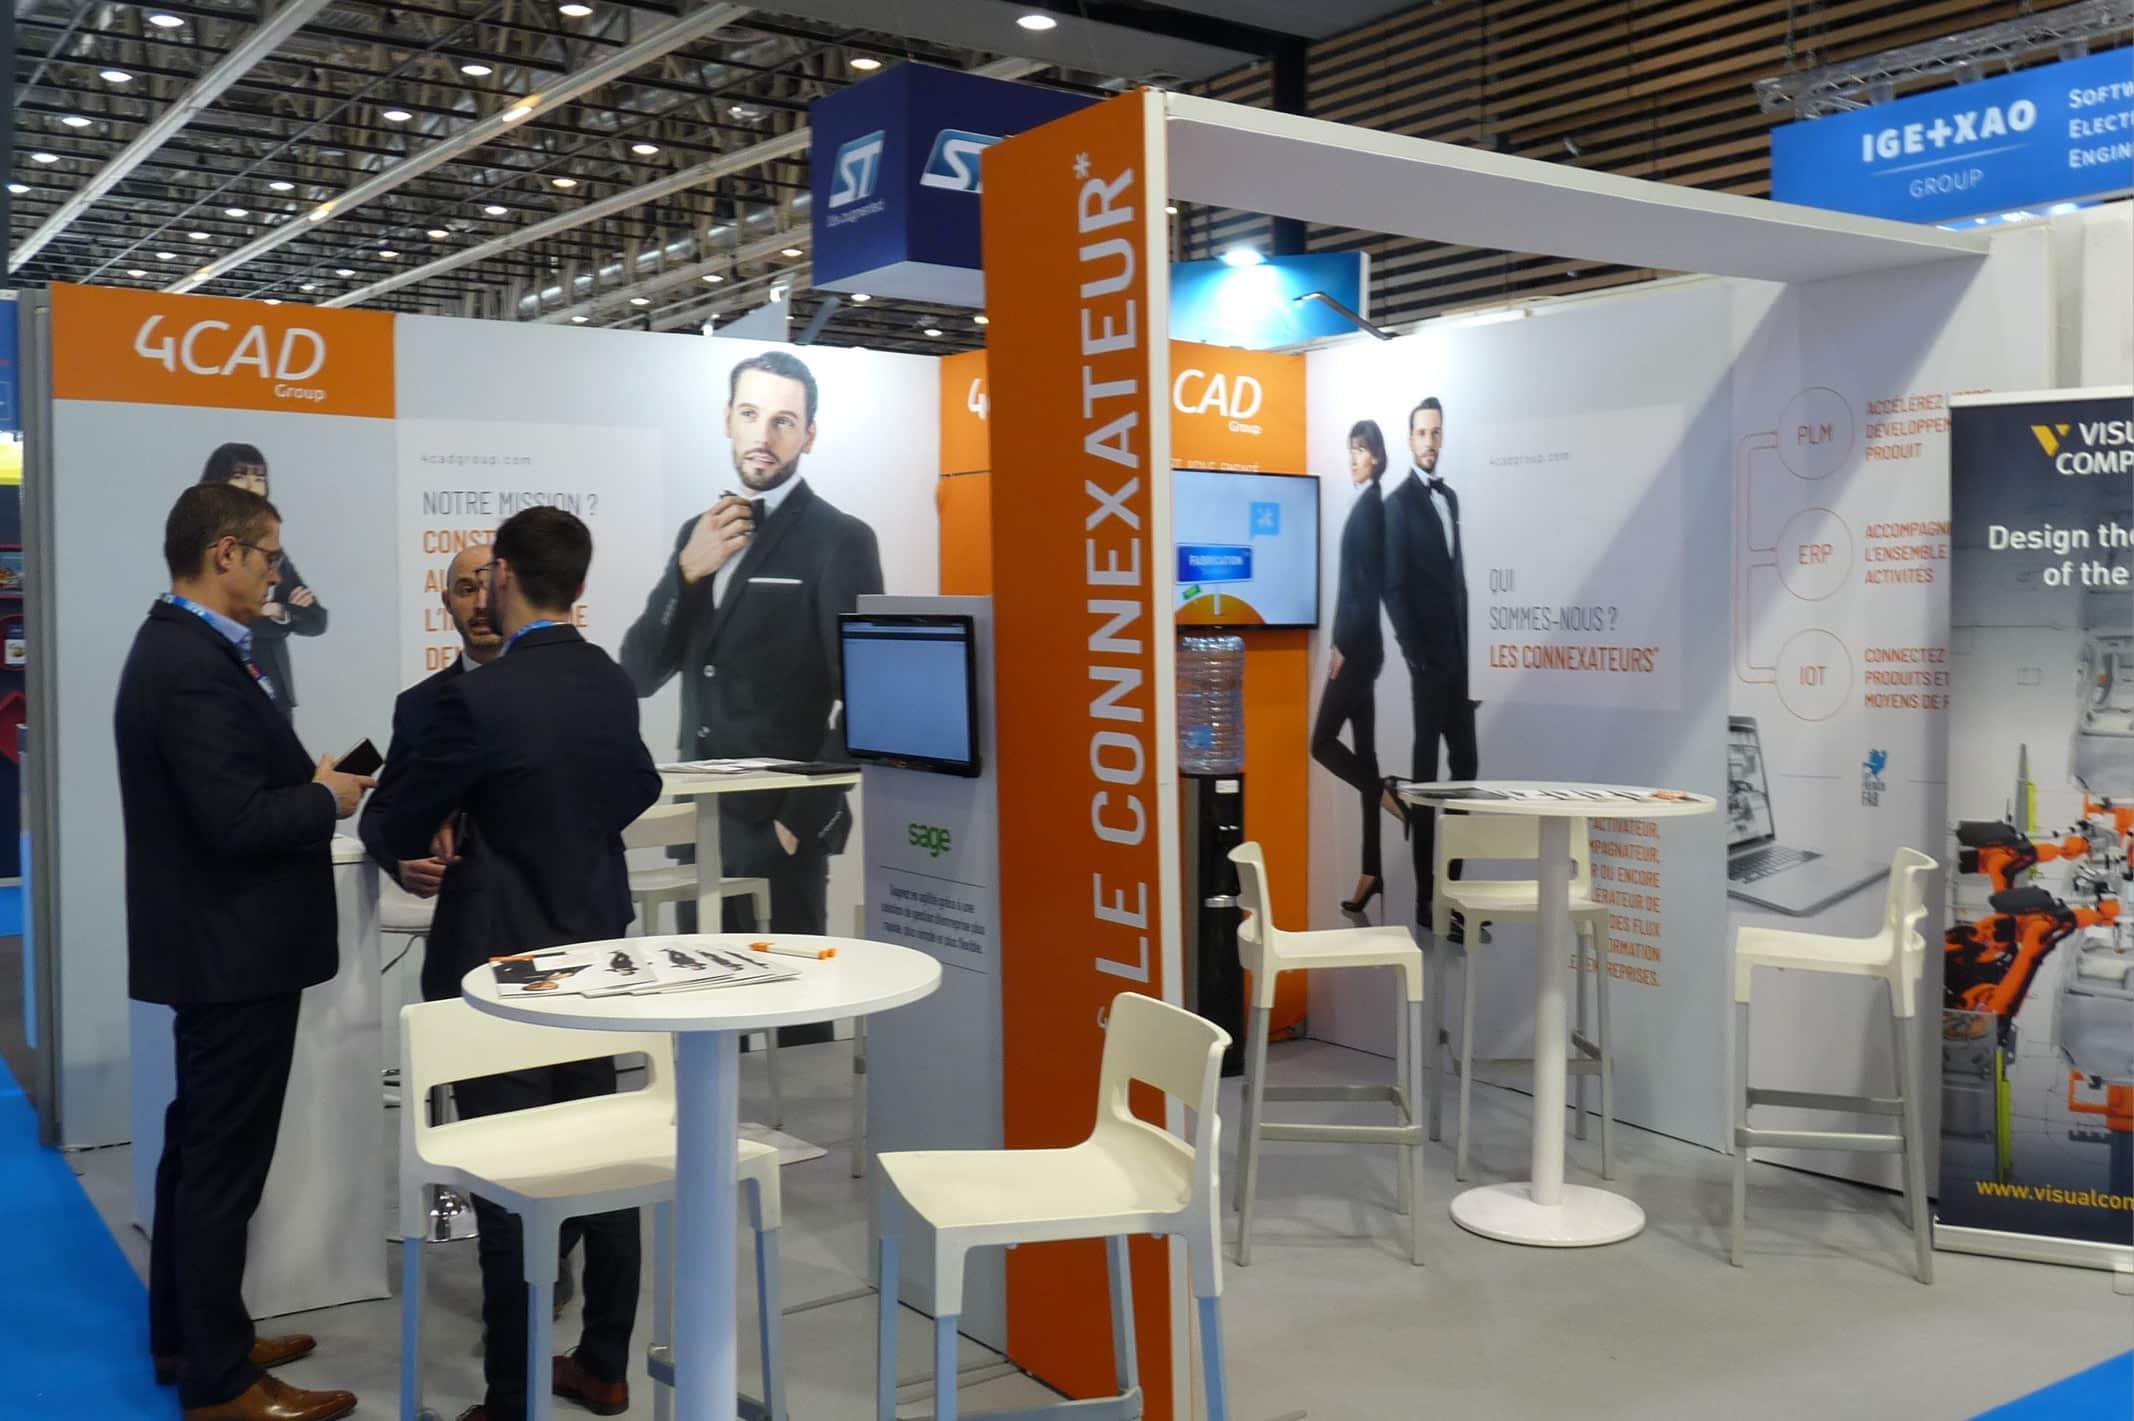 La société 4CAD est présente dans de nombreux salons professionnels français.